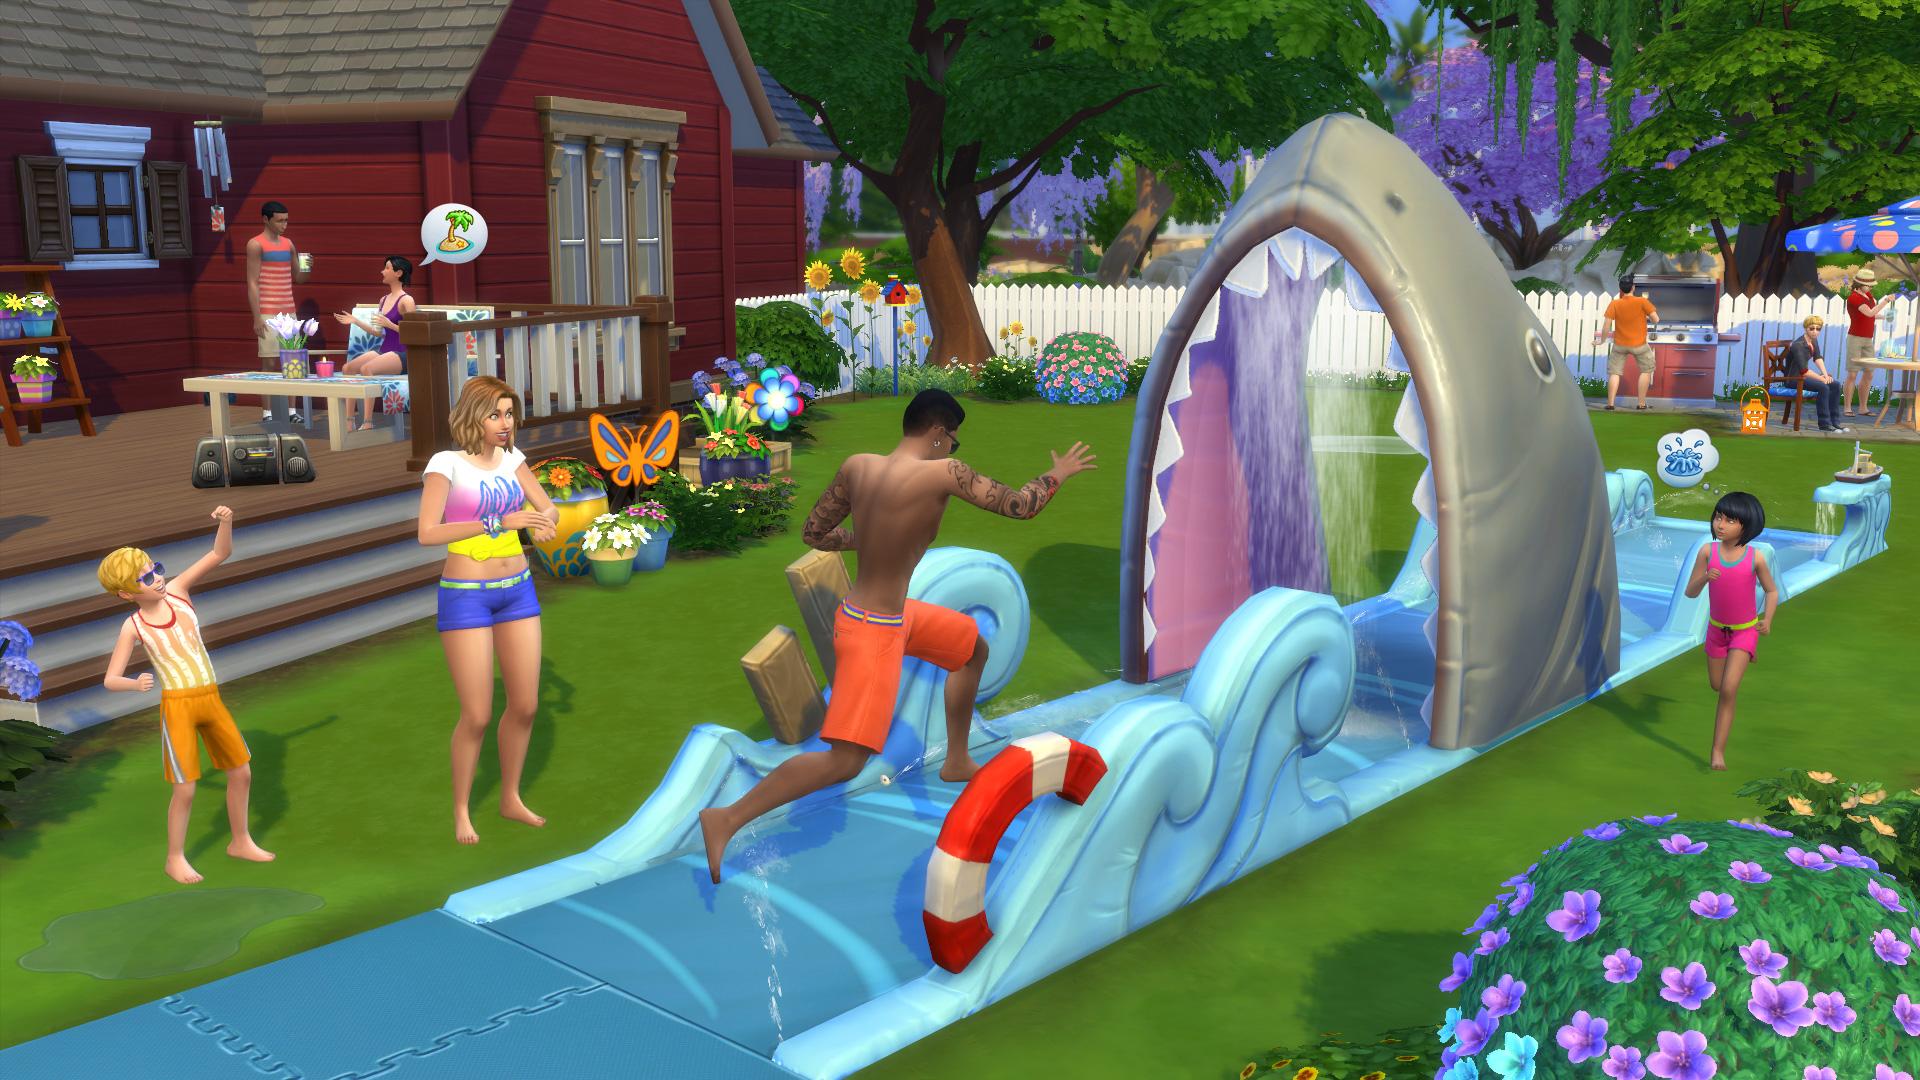 Die Sims 4 Gartenspa Accessoires Angek Ndigt Simtimes